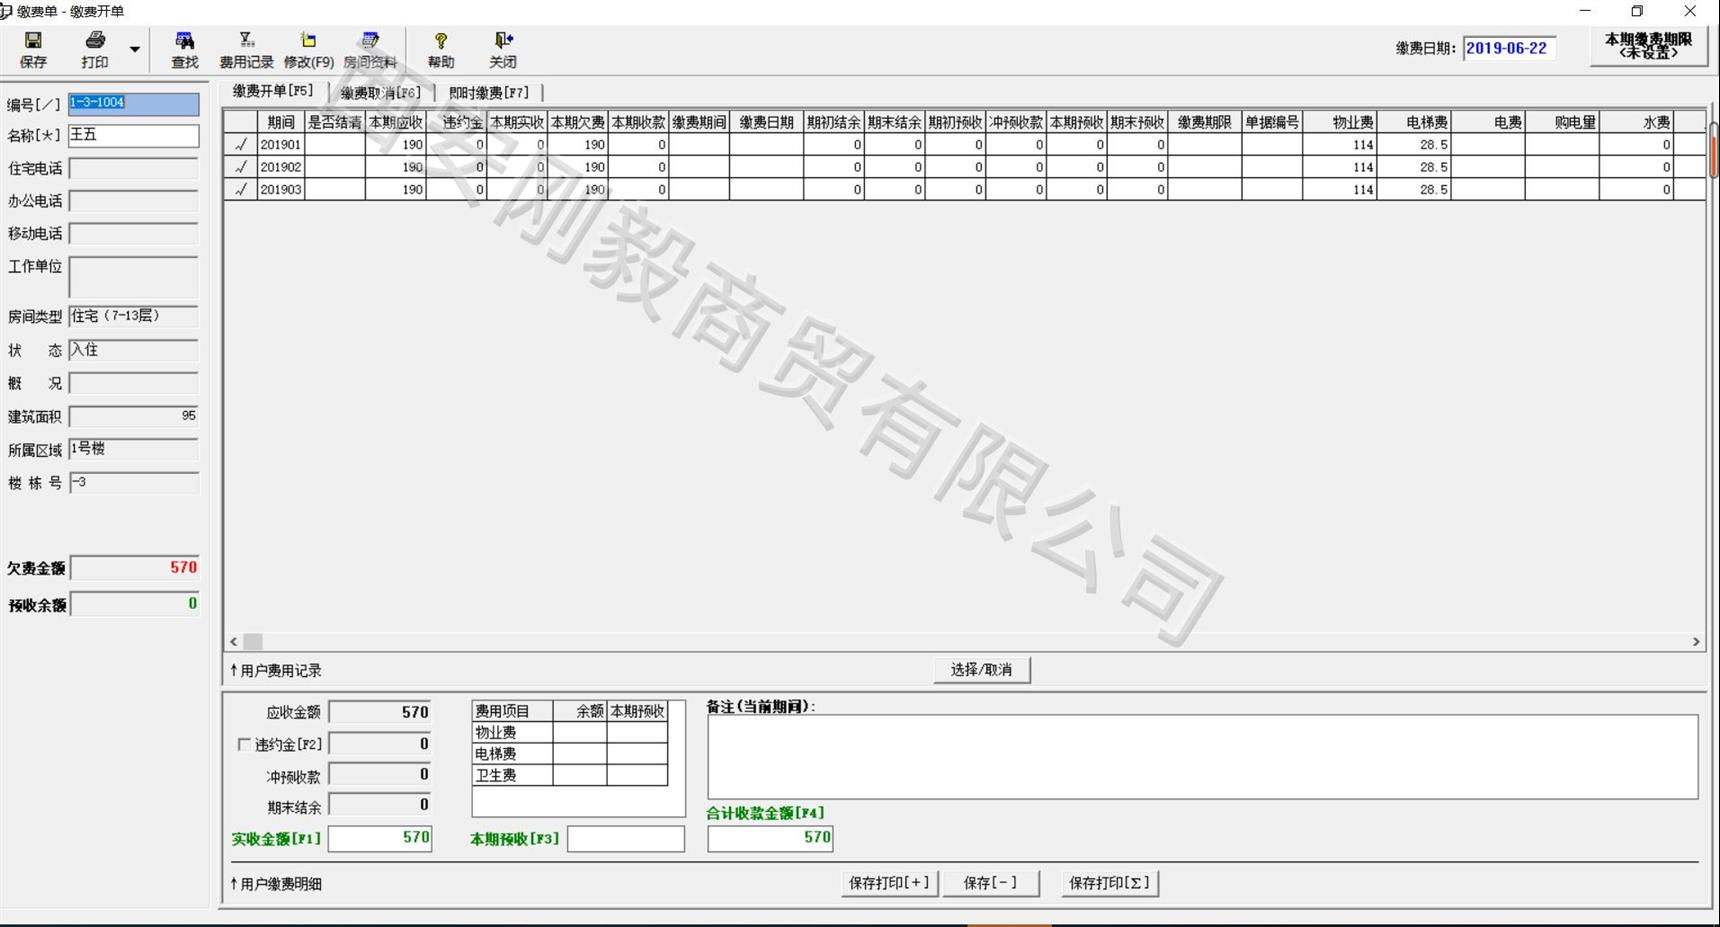 物业收费管理软件